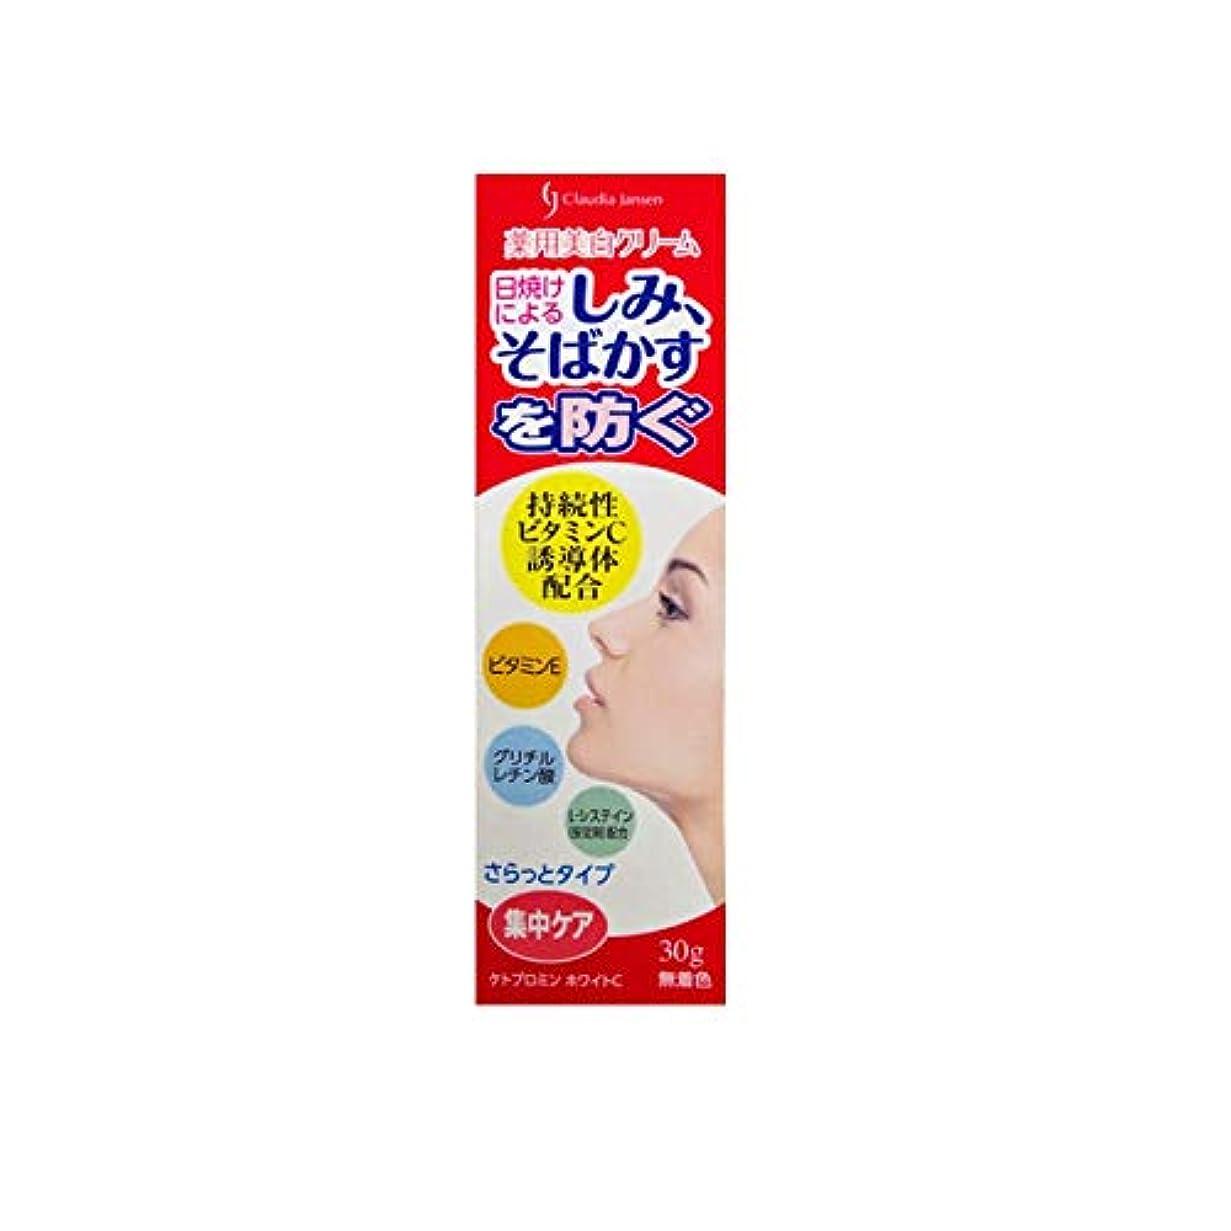 記念品データベースユーザー三友薬品 医薬部外品 薬用ホワイトニングクリームC 30g